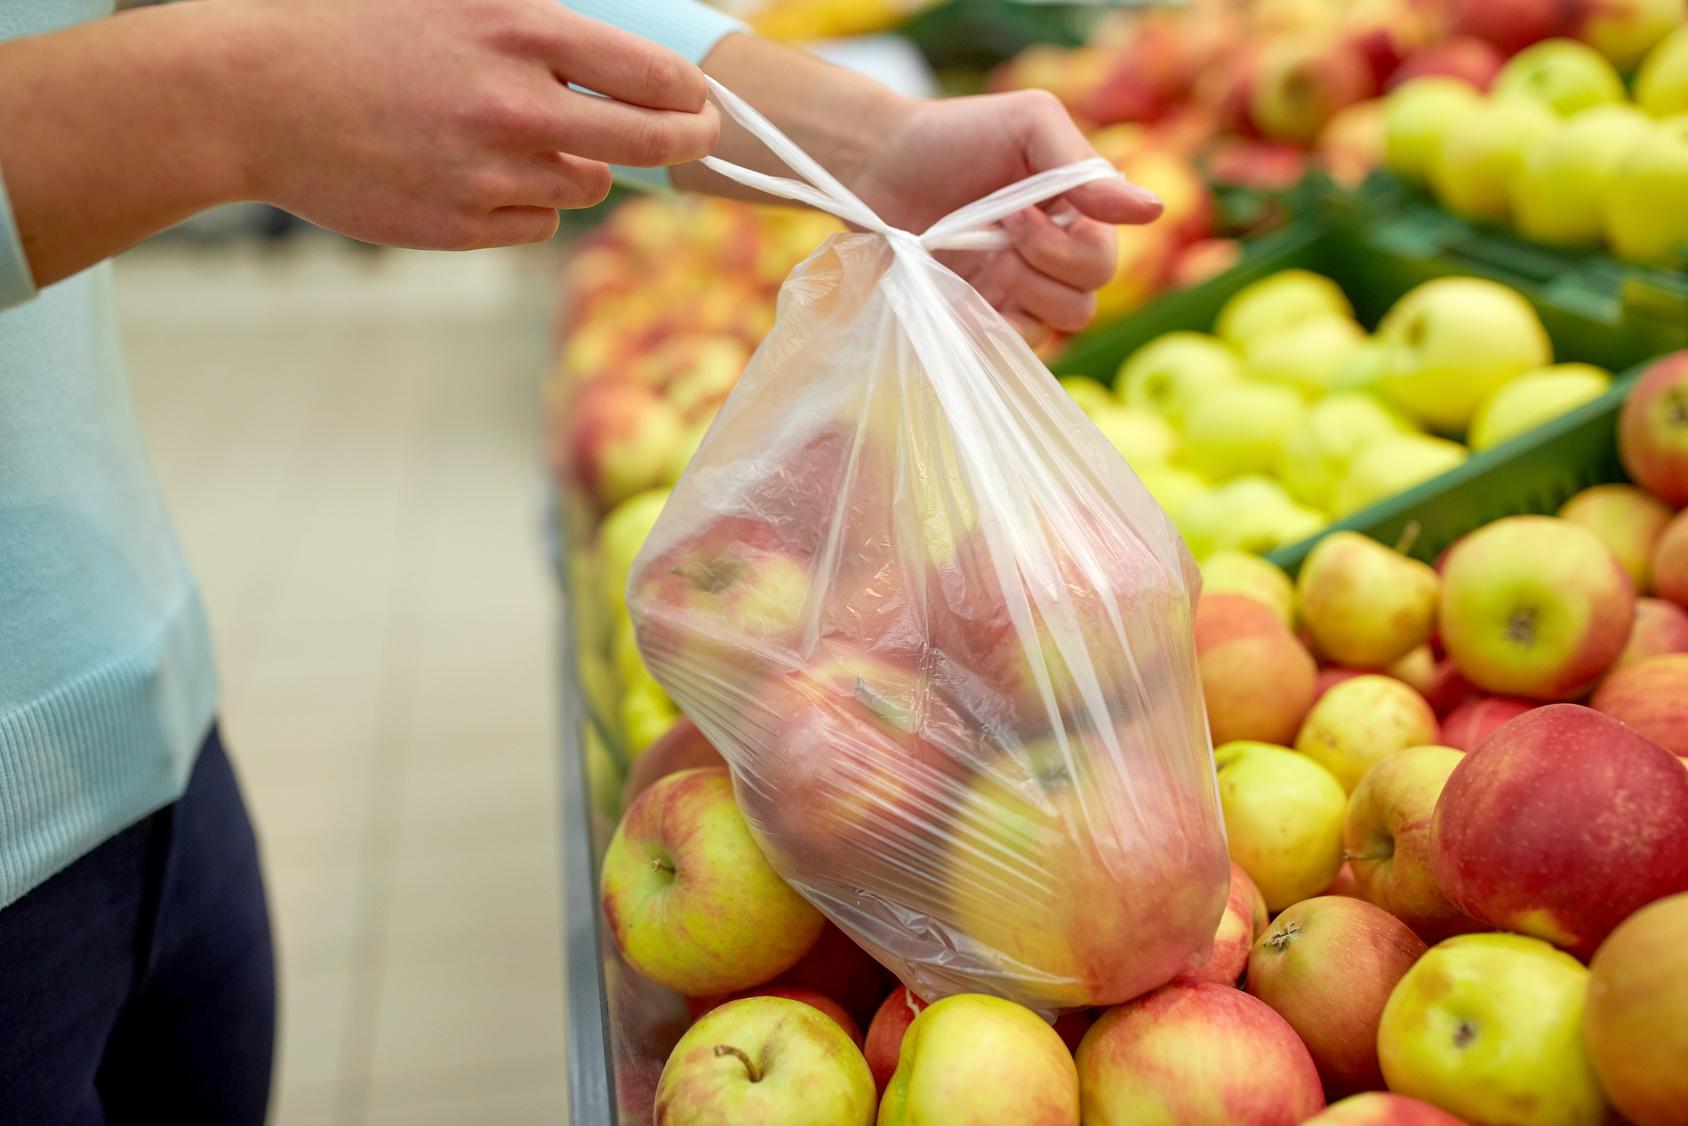 Sacchetti supermercato mater-bi